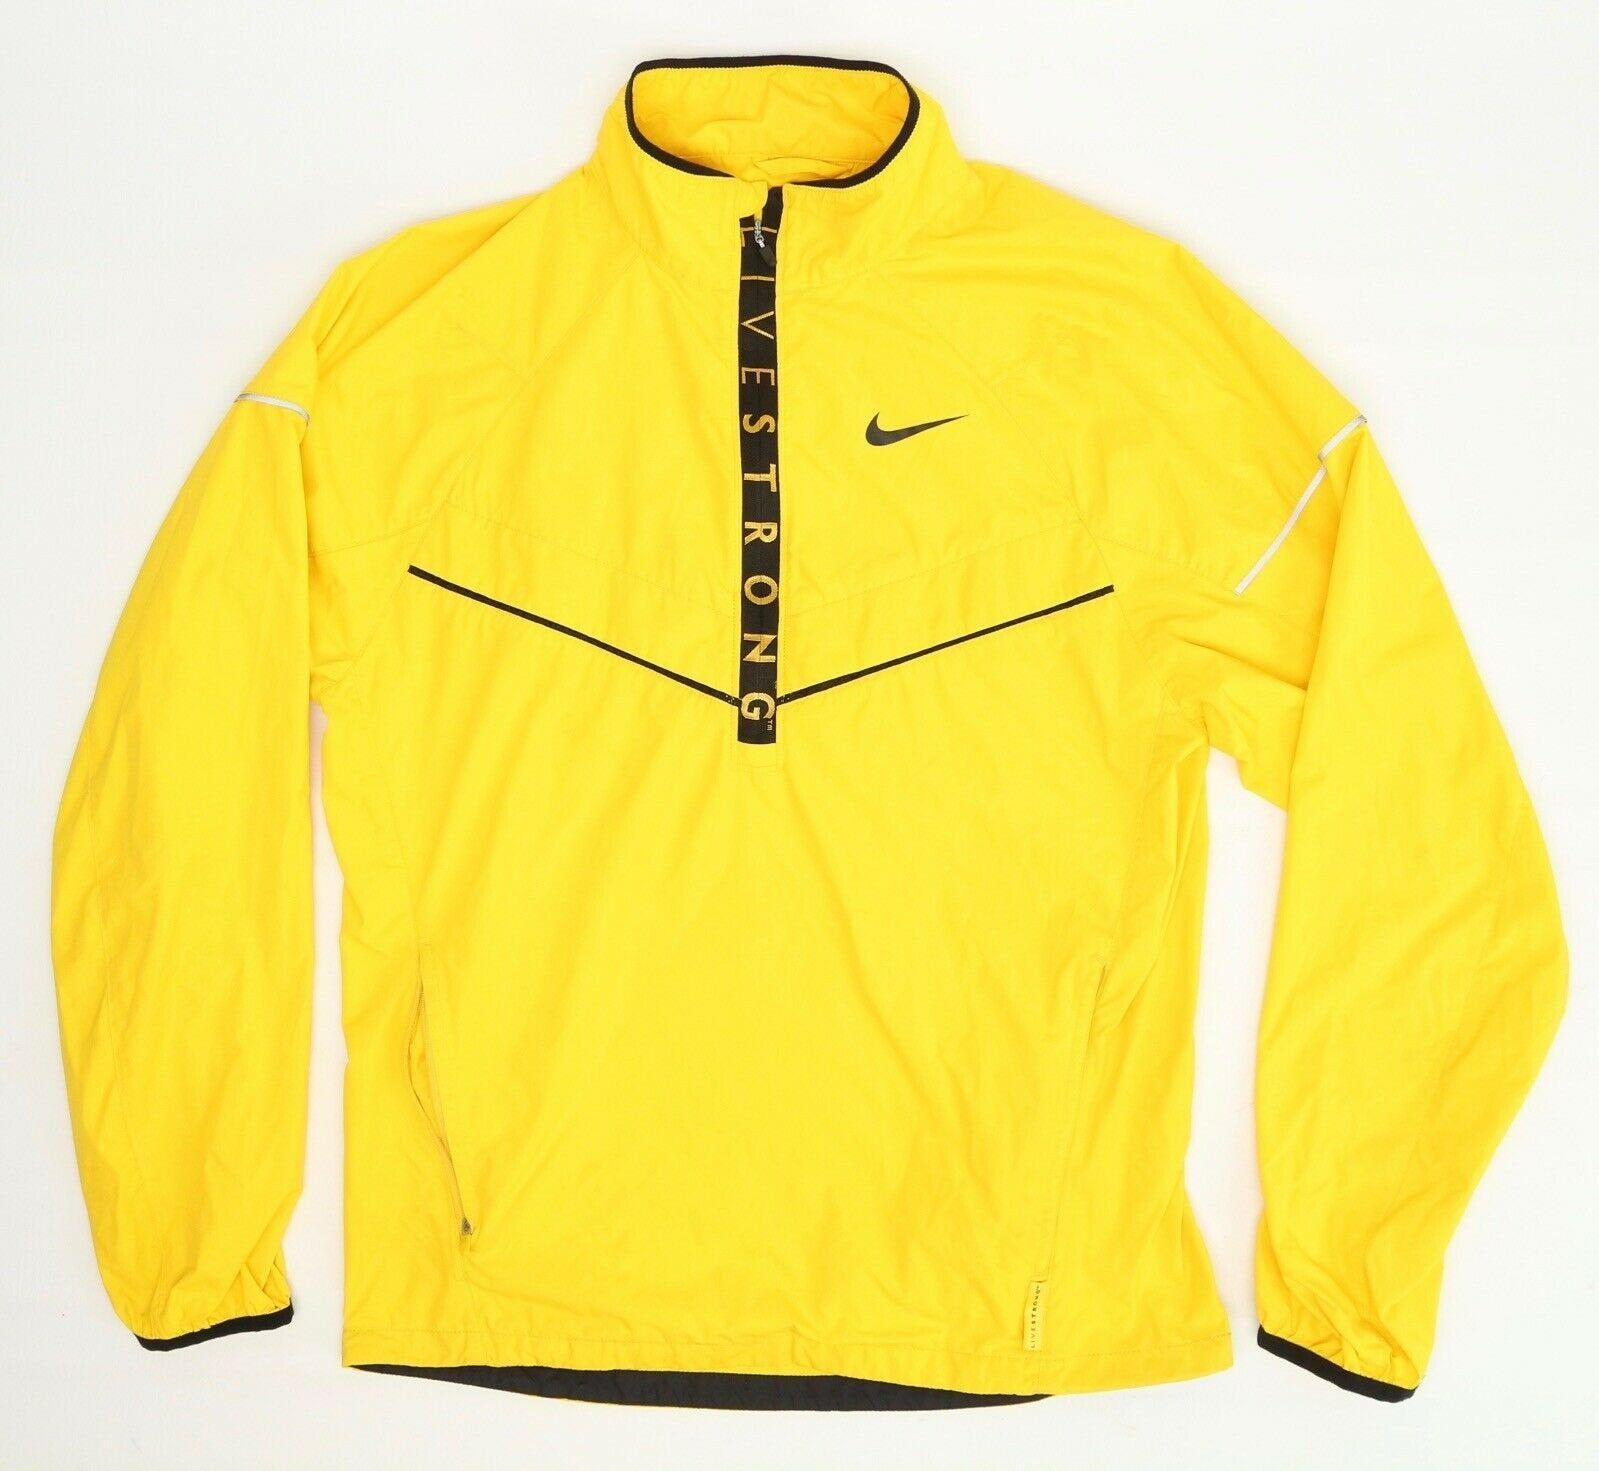 Rare Vintage 90s Nike Just Do It Windbreaker Jacket Color Etsy Windbreaker Jacket Yellow Windbreaker Jackets [ 1471 x 1599 Pixel ]